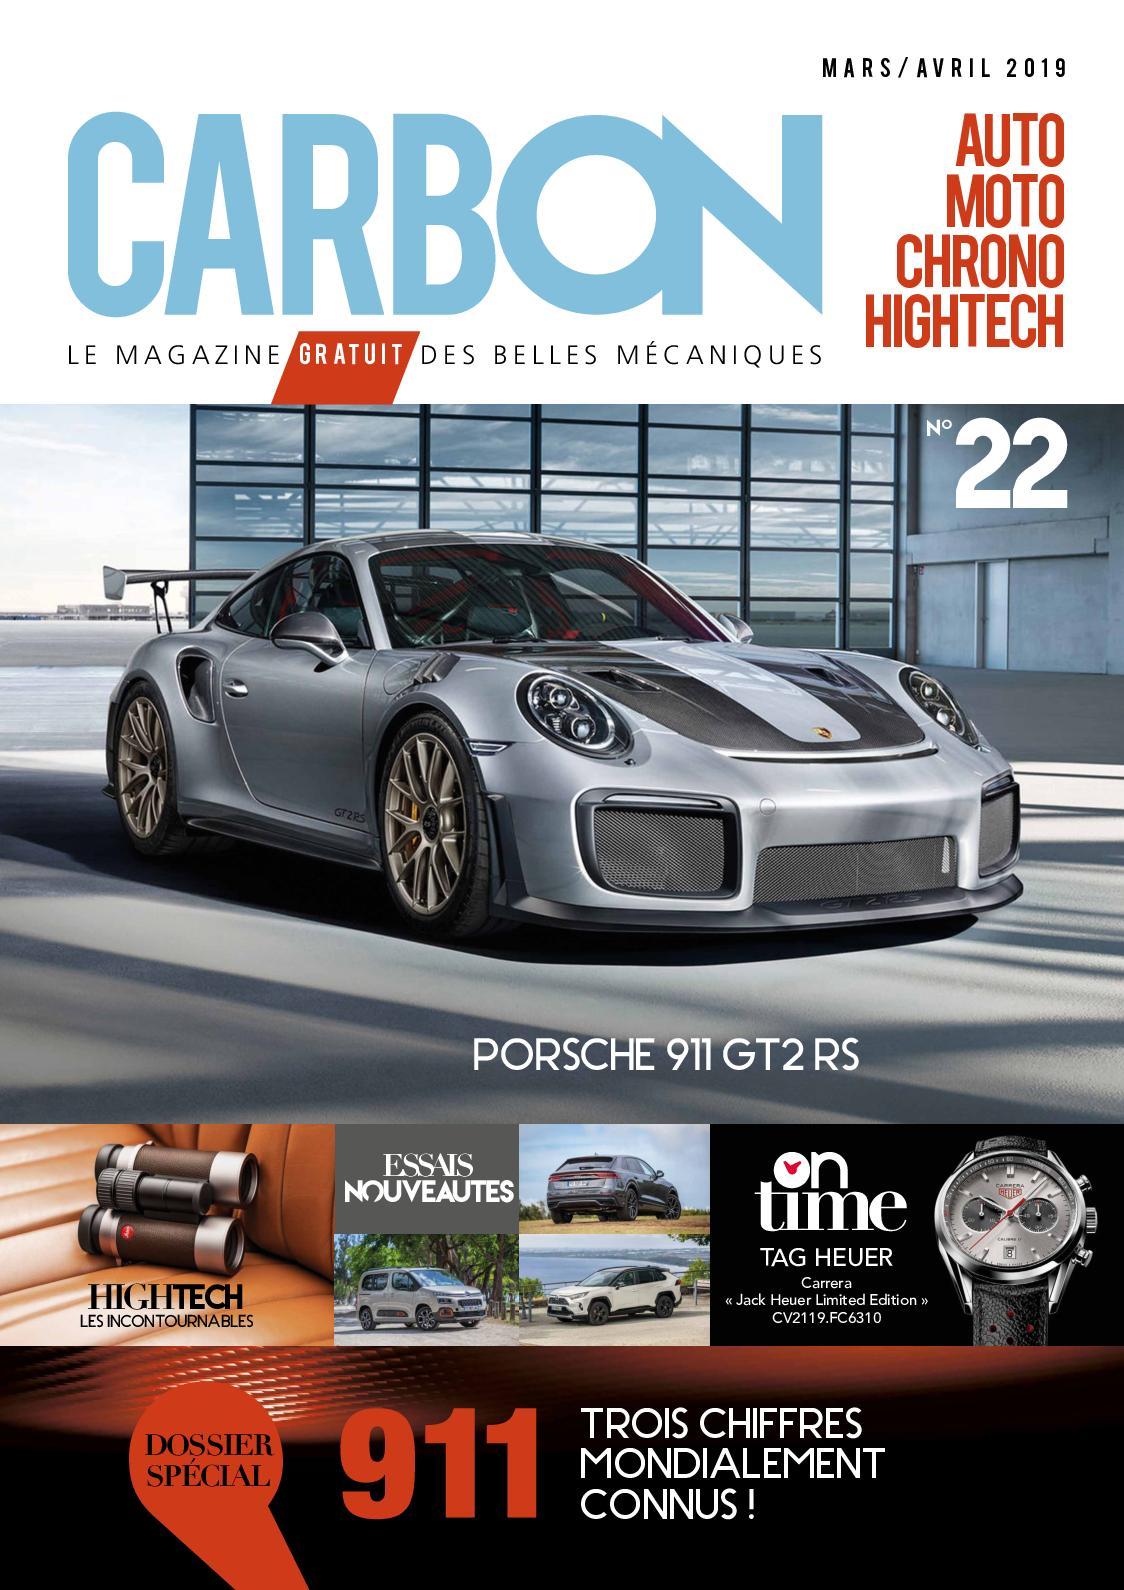 7p 3.0 TDI 92 A Étalon contenues Porsche Cayenne VW Touareg 3.0 Diesel